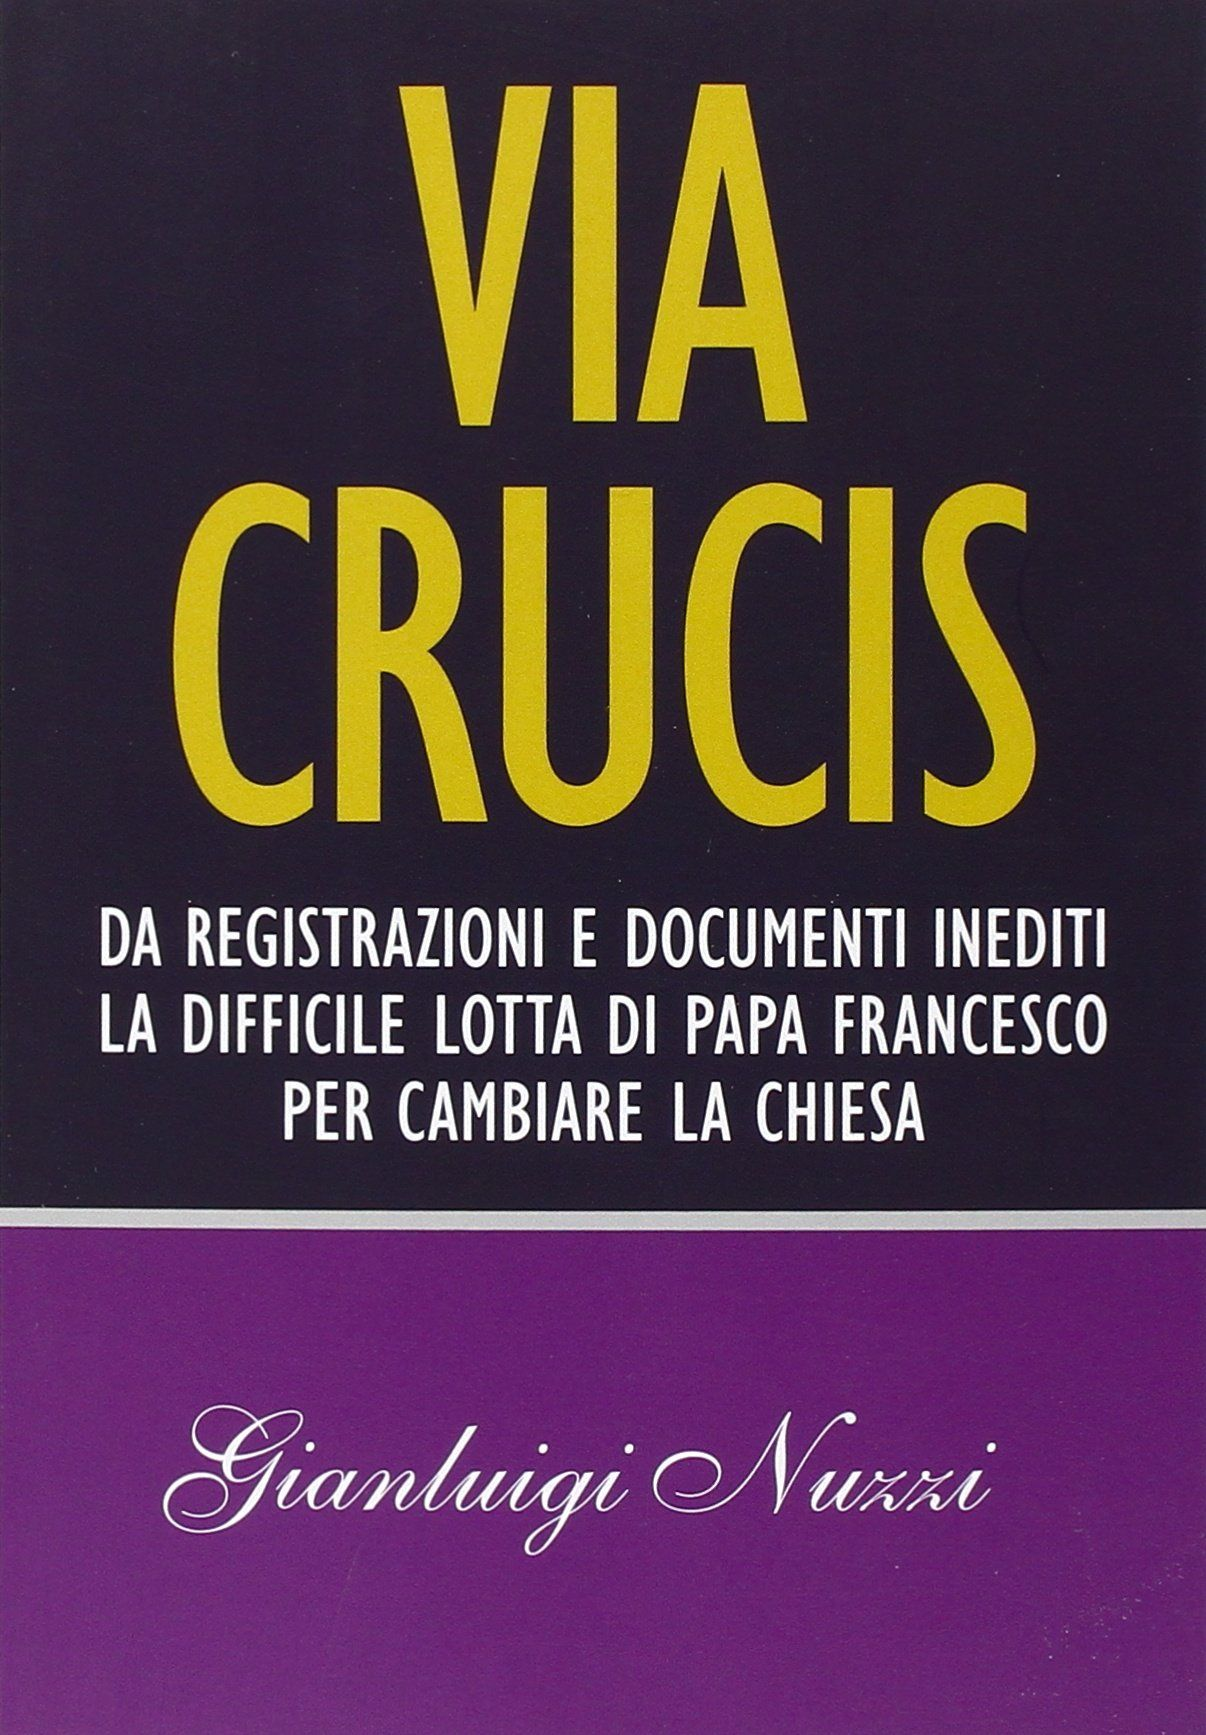 via crucis, cover libro nuzzi